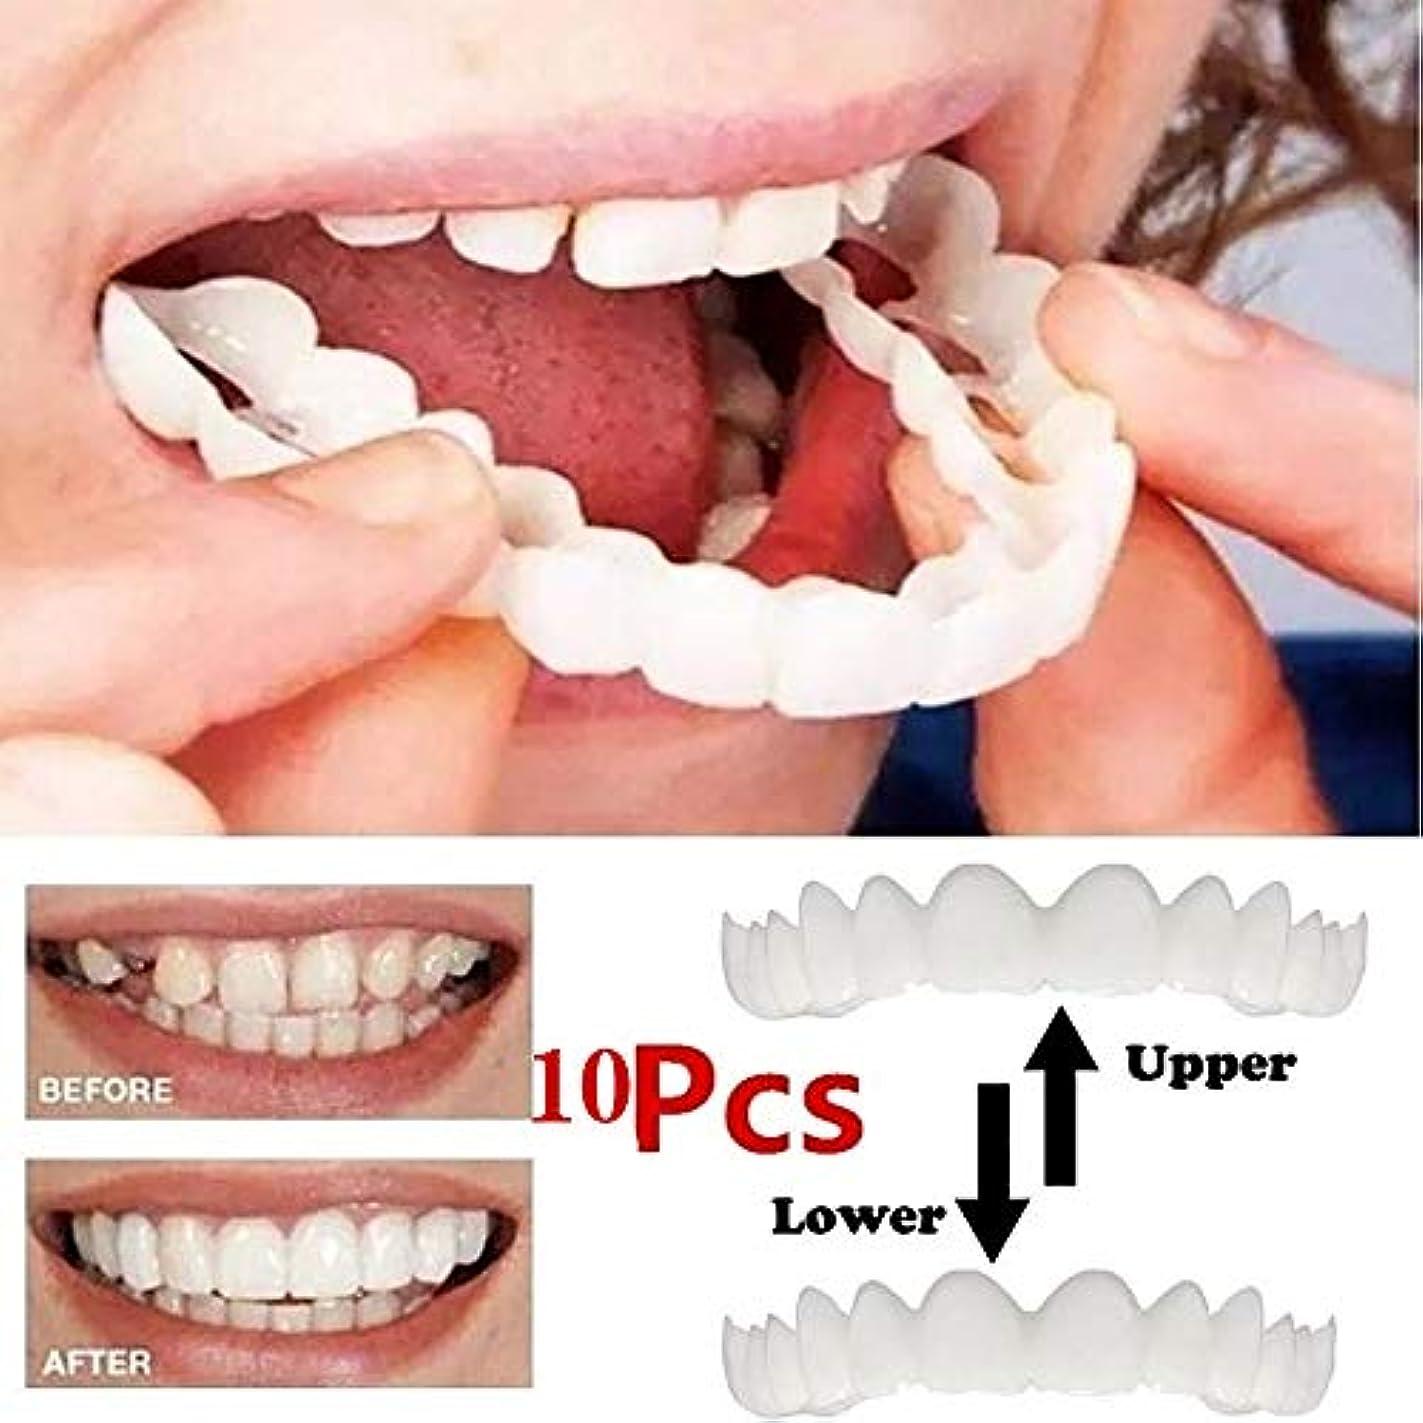 伝記だらしない腐敗ベニヤの歯、化粧品の歯5ペア - 一時的な笑顔の快適さフィットフレックス化粧品の歯、ワンサイズは最もフィットし、快適なトップとボトムベニア - 歯突き板